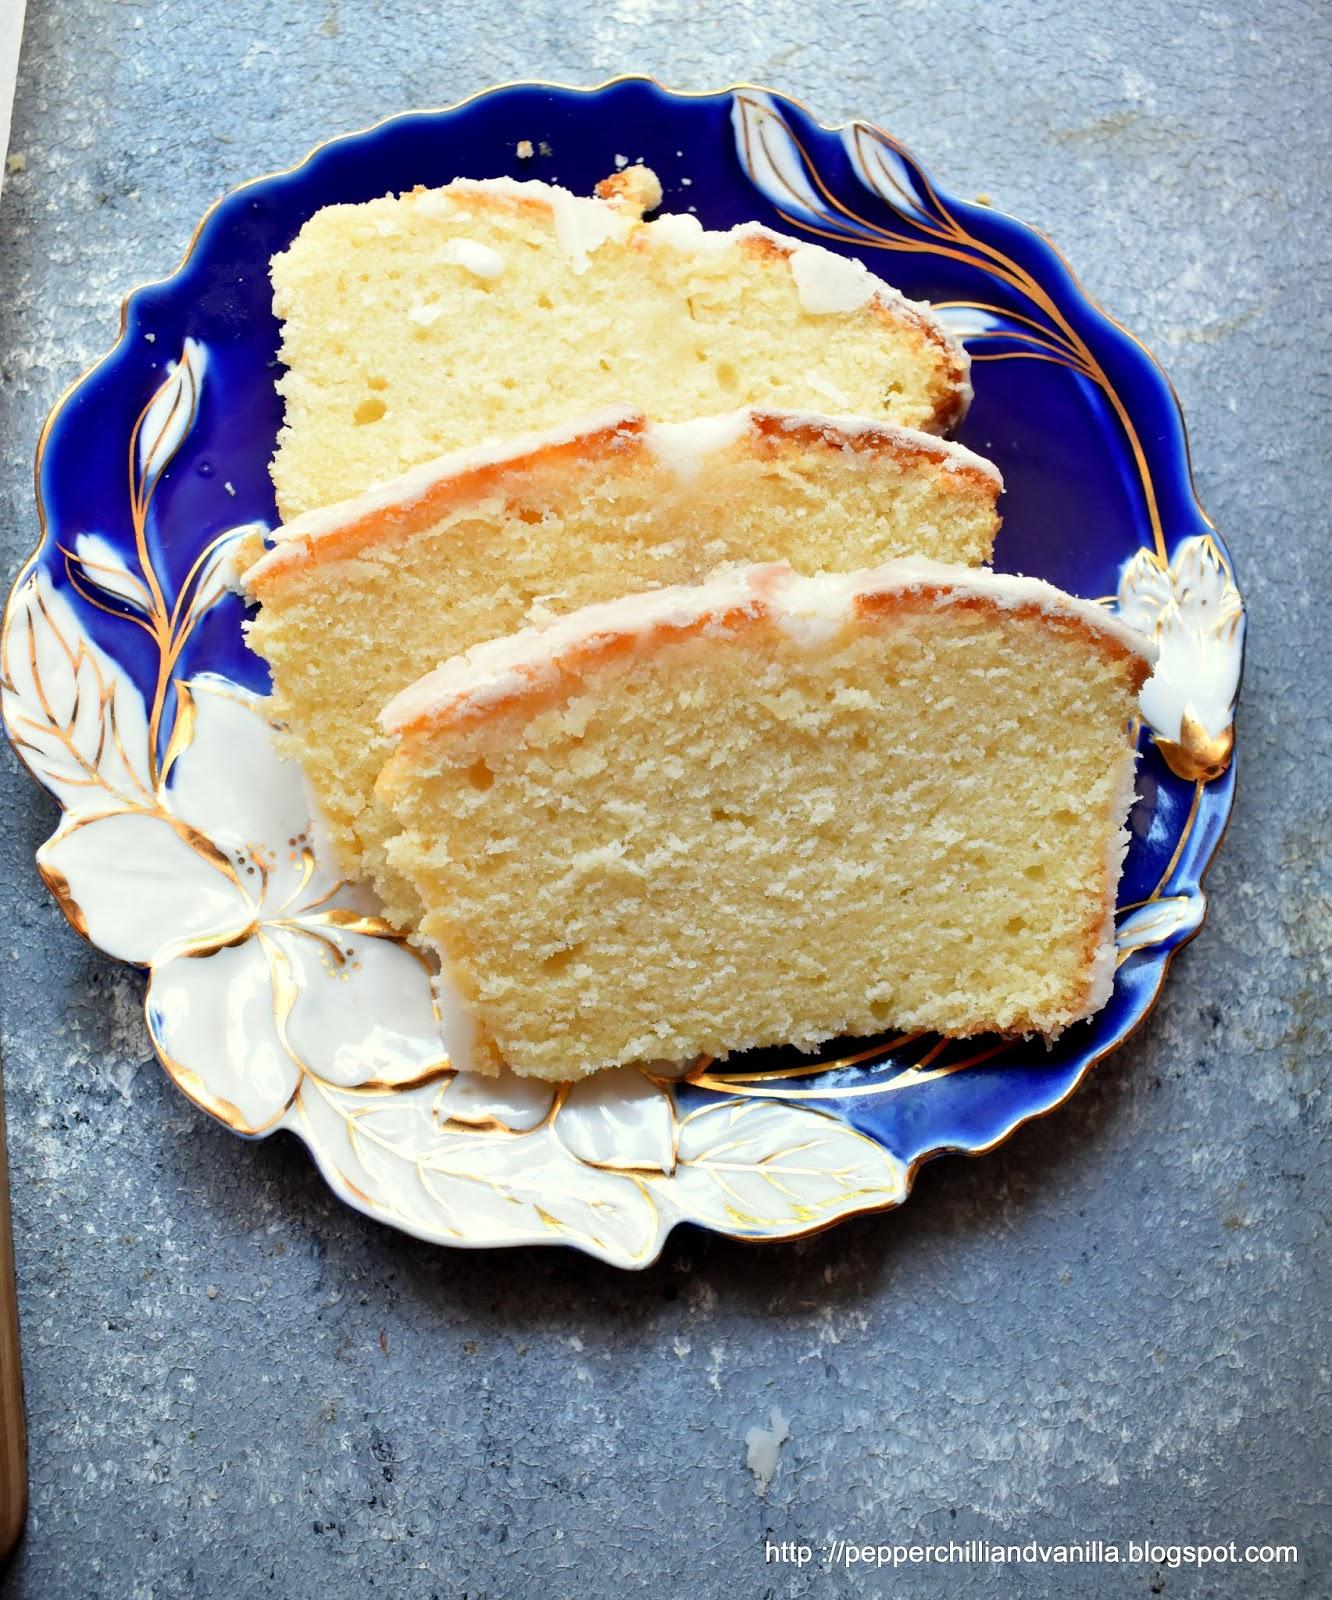 lemon cake,lemon pound cake,best lemon cake,starbucks style lemon cake